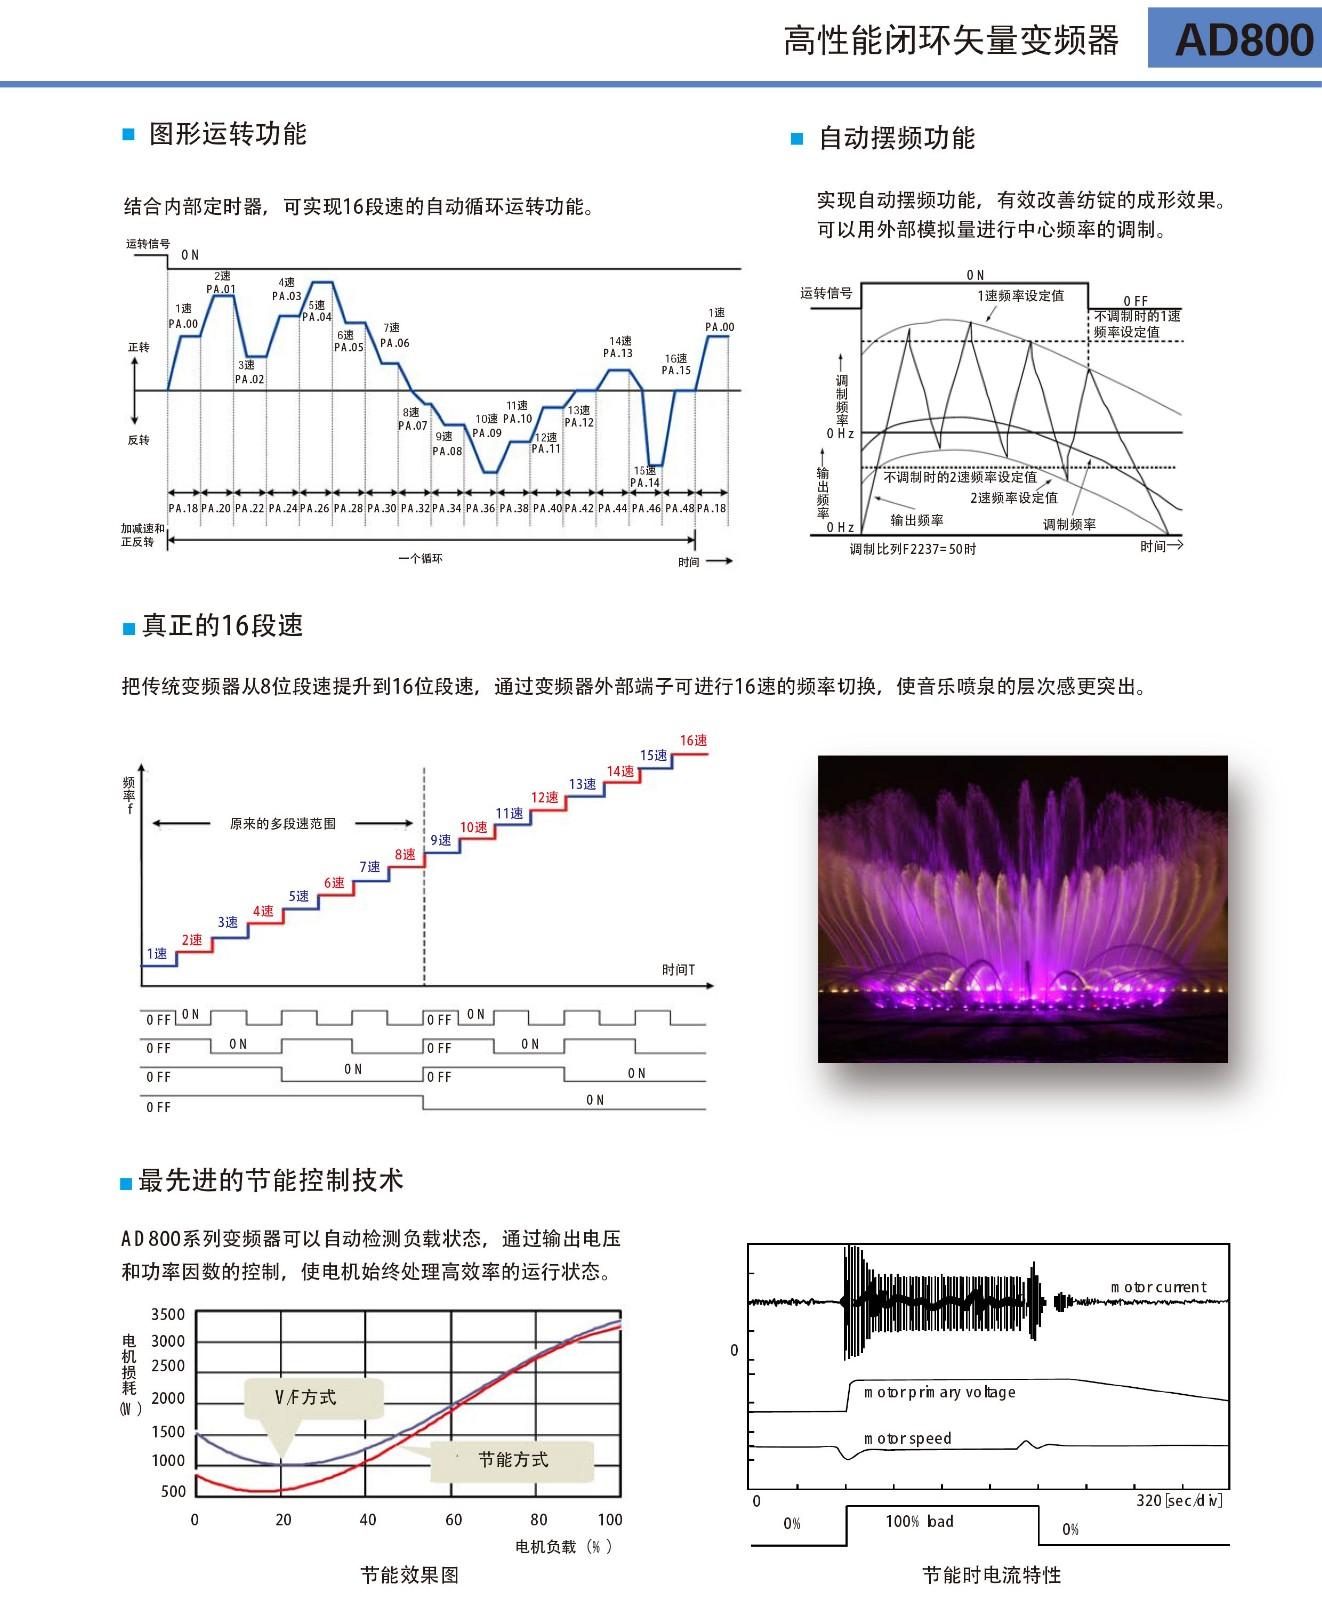 变频器  AD800 3|变频器-浙江数一电气有限公司